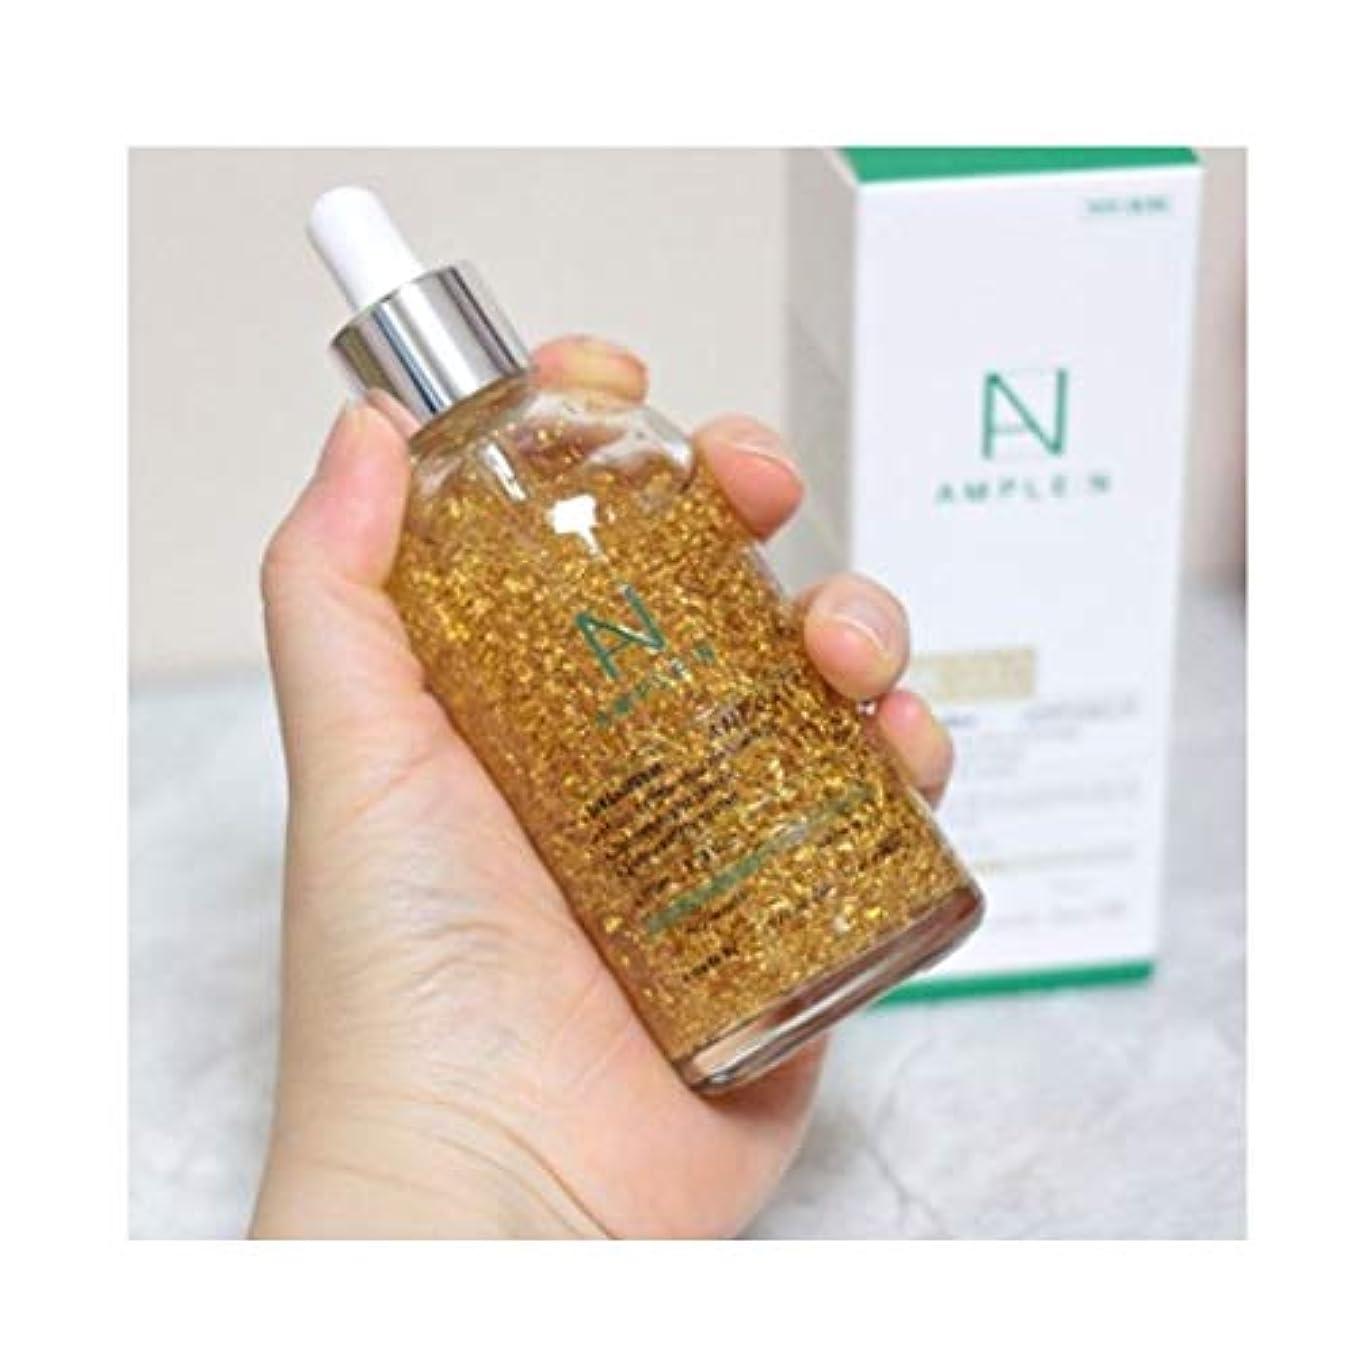 アウターケイ素ラップアンプルN 24Kゴールドショットアンプル100ml 韓国コスメ、Ample:N 24K Gold Shot Ampoule 100ml Korean Cosmetics [並行輸入品]